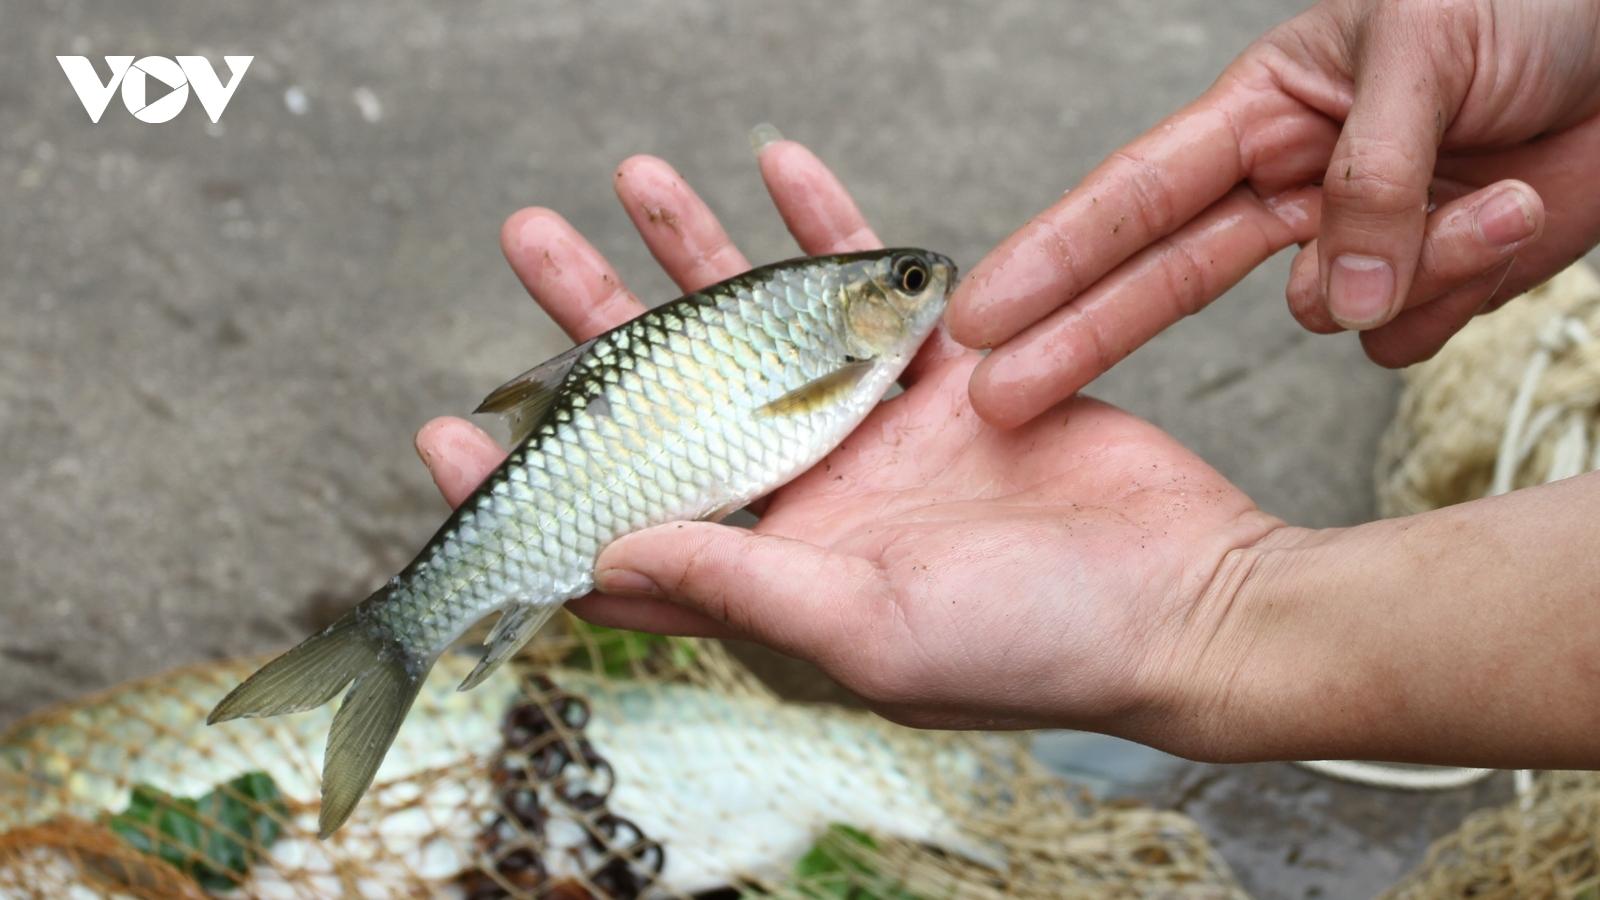 Tìm hiểu cách chế biến đặc sản cá Bỗng ngày Tết ở Lục Yên, Yên Bái